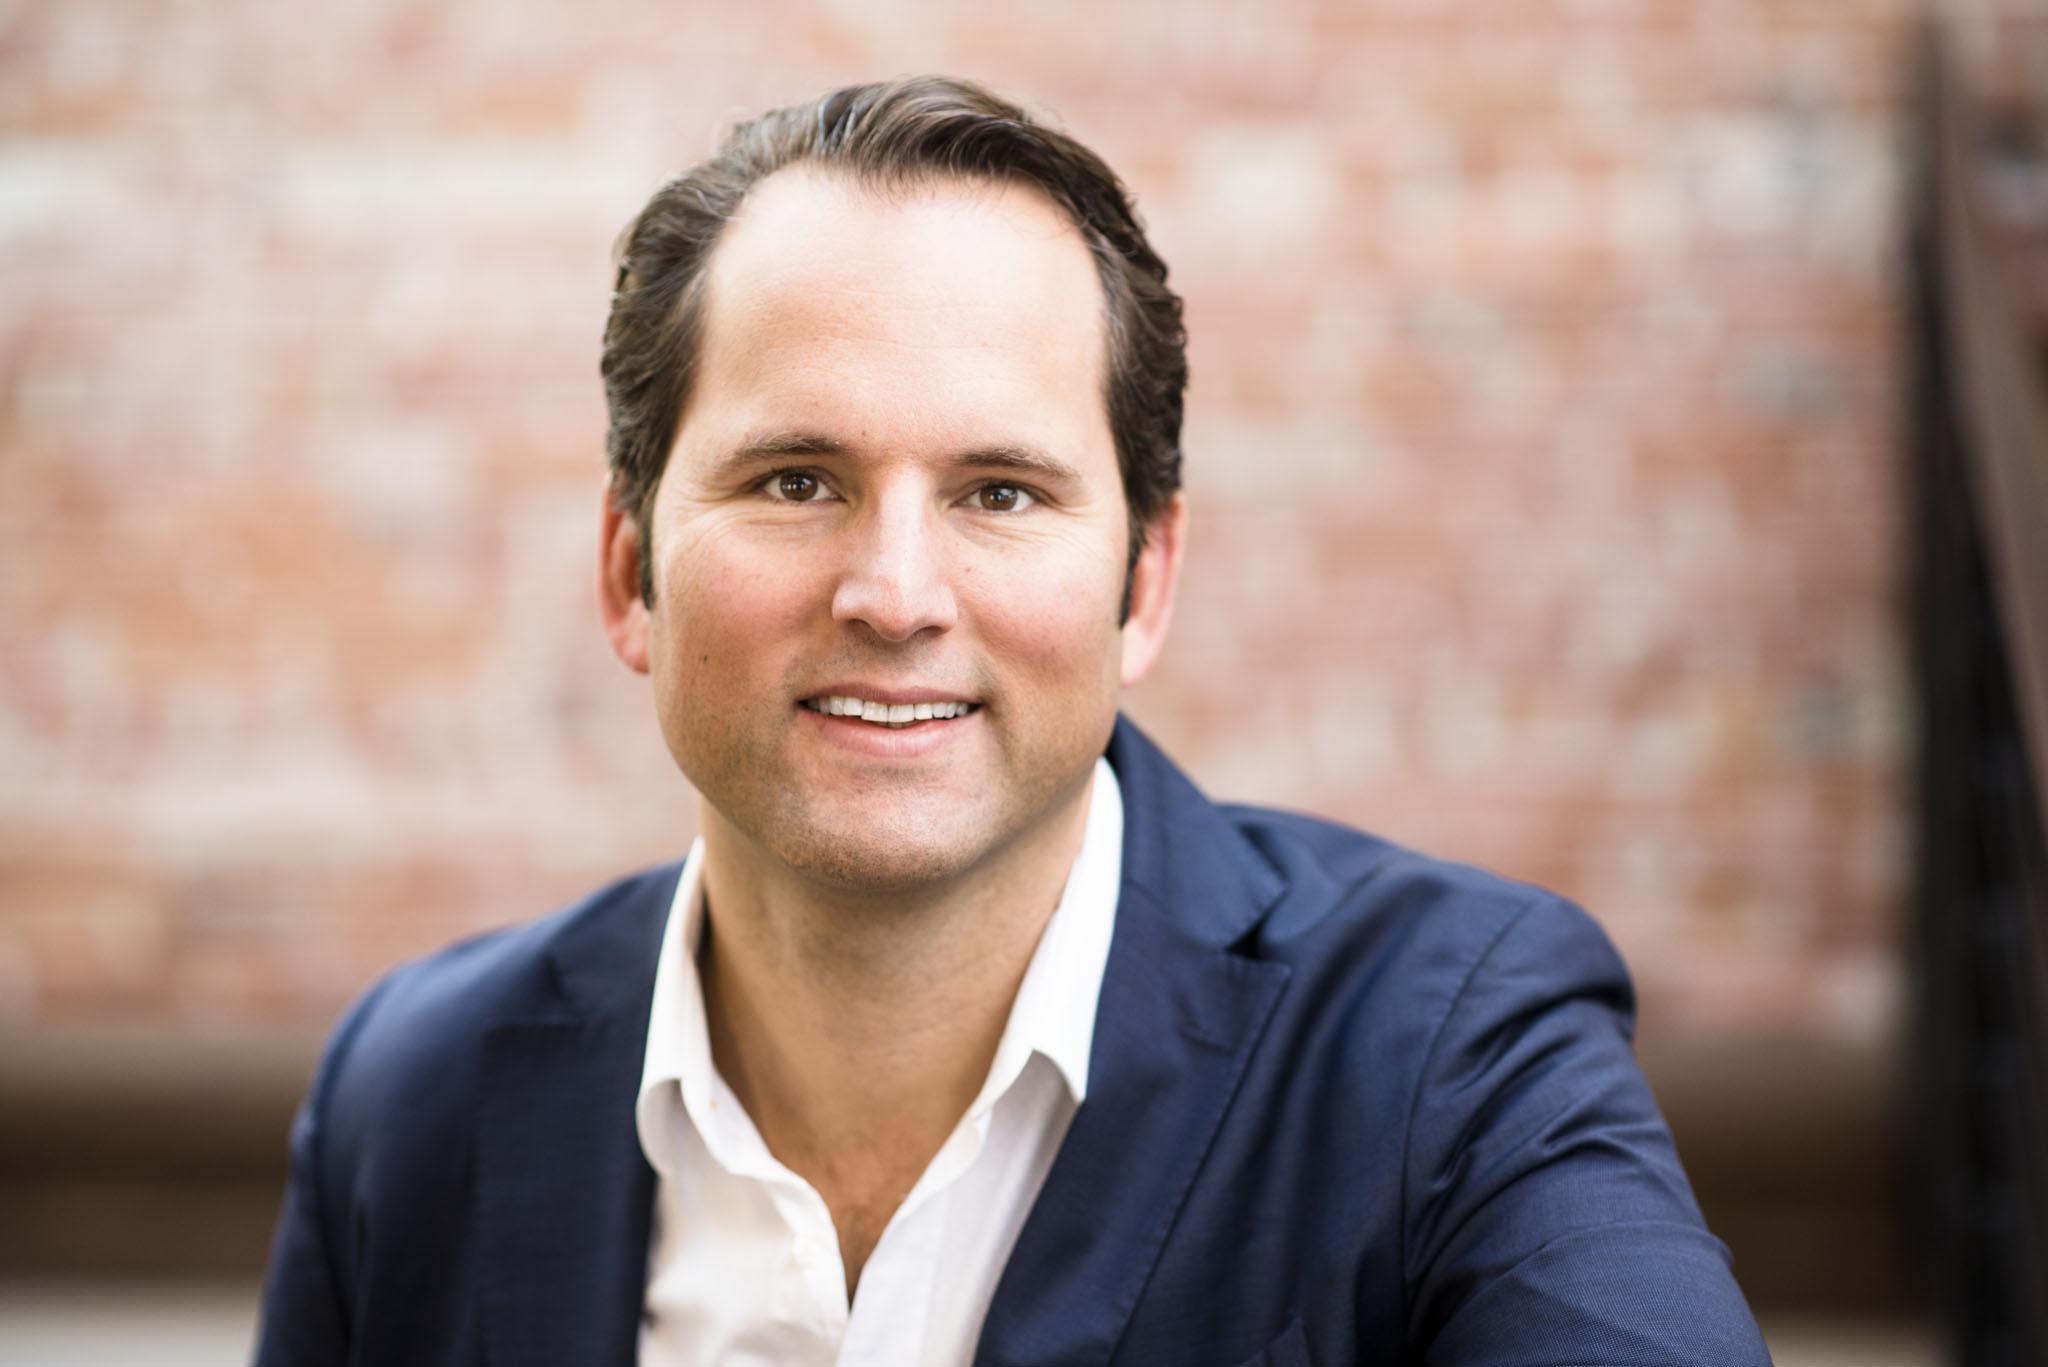 Yusuf Özdalga QED Investors Influencer Marketing Lab